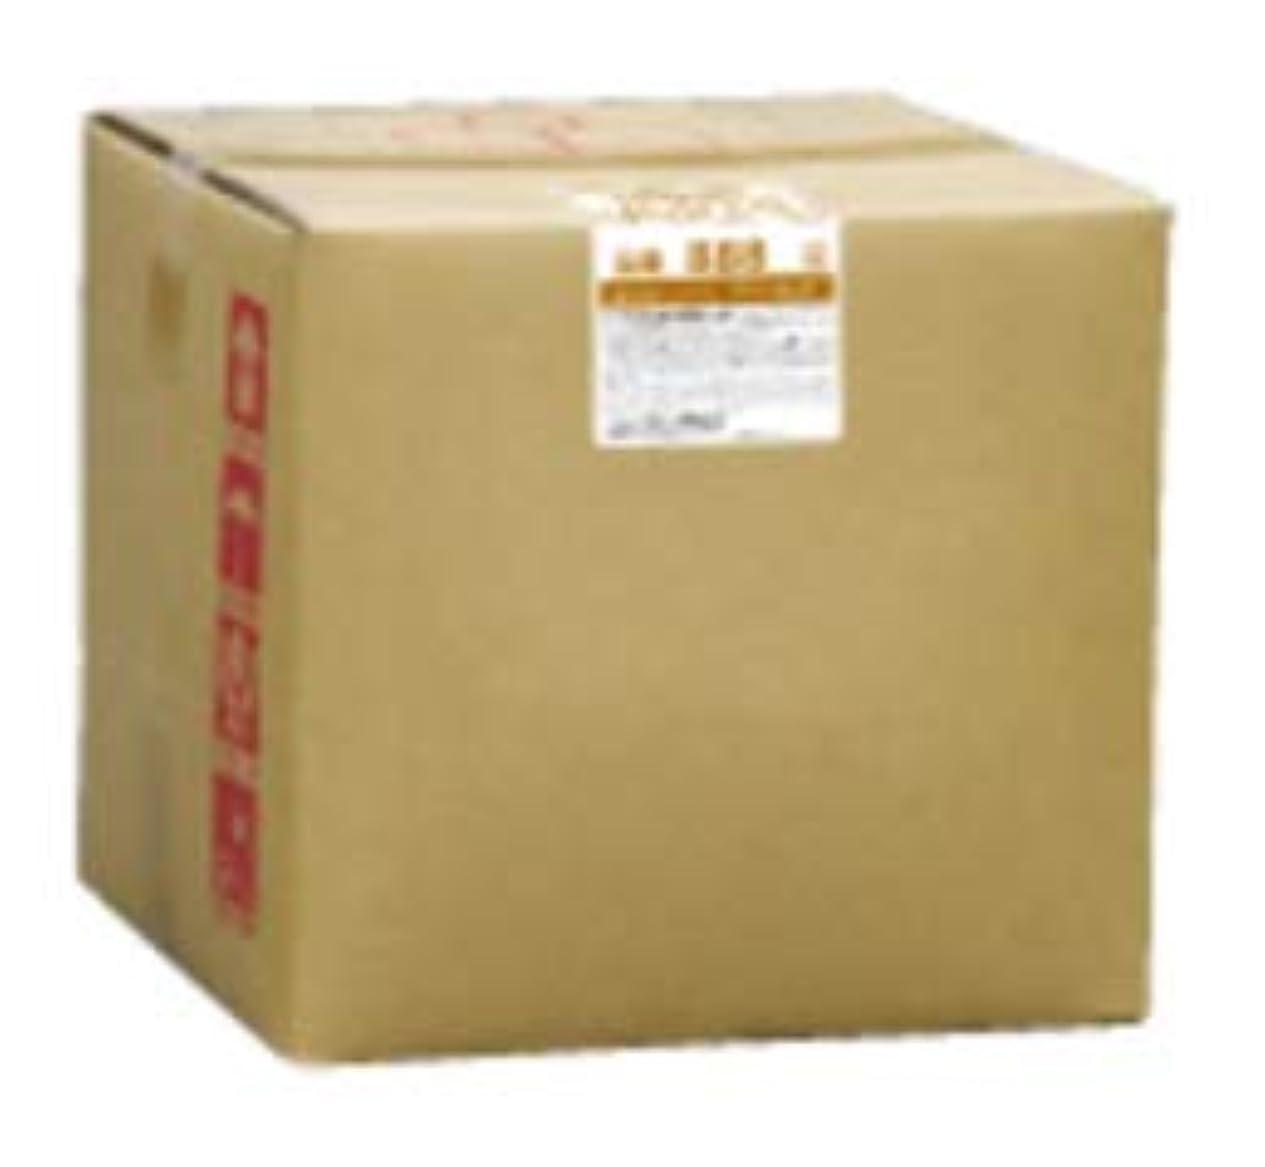 薬理学わざわざ牽引フタバ化学 スパジアス ボディソープ 18L 詰め替え 800ml専用空容器付 黒糖と蜂蜜